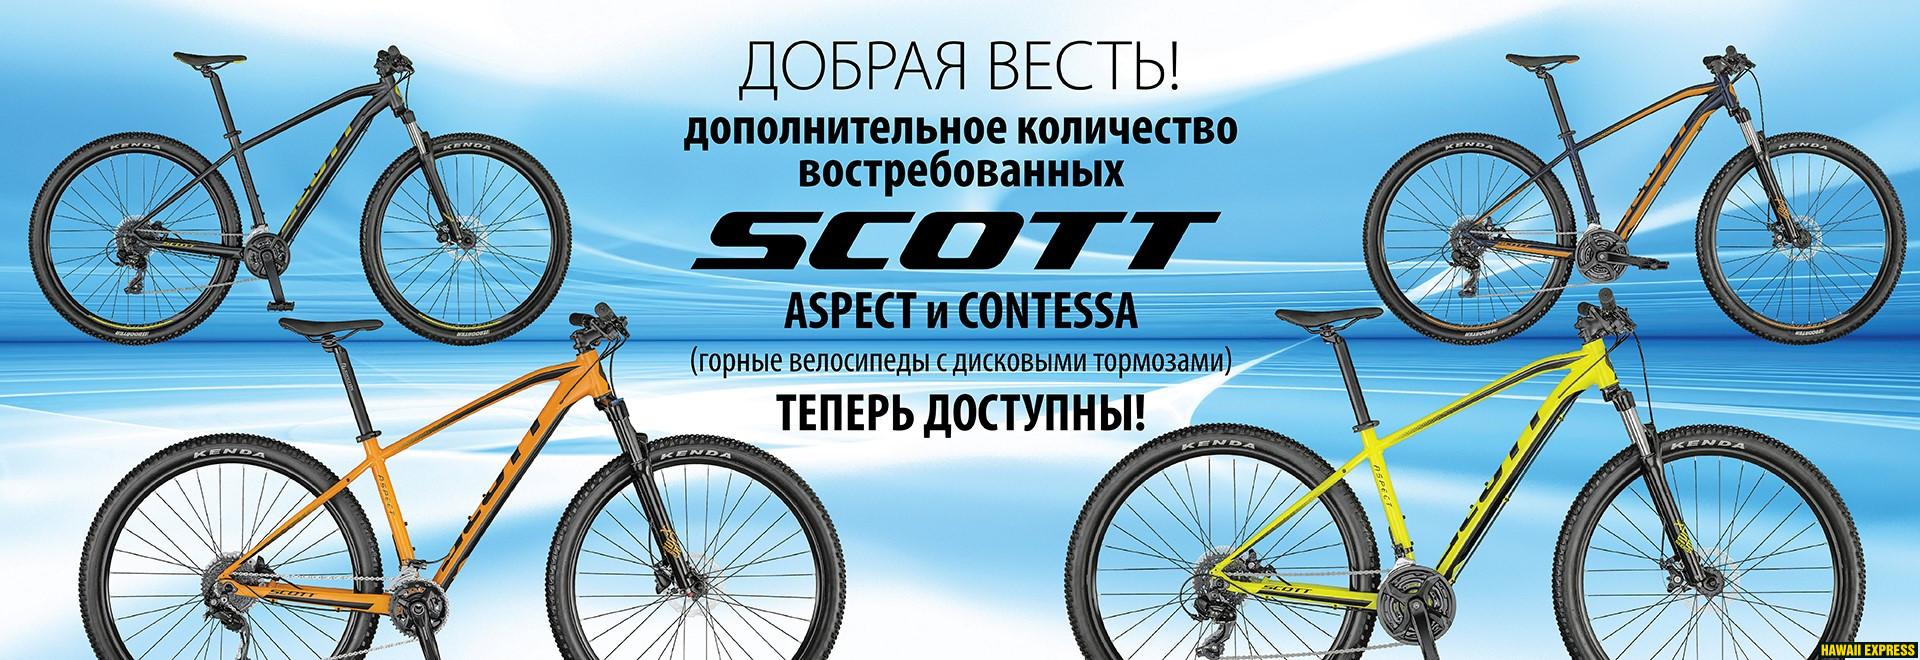 Scott Aspect